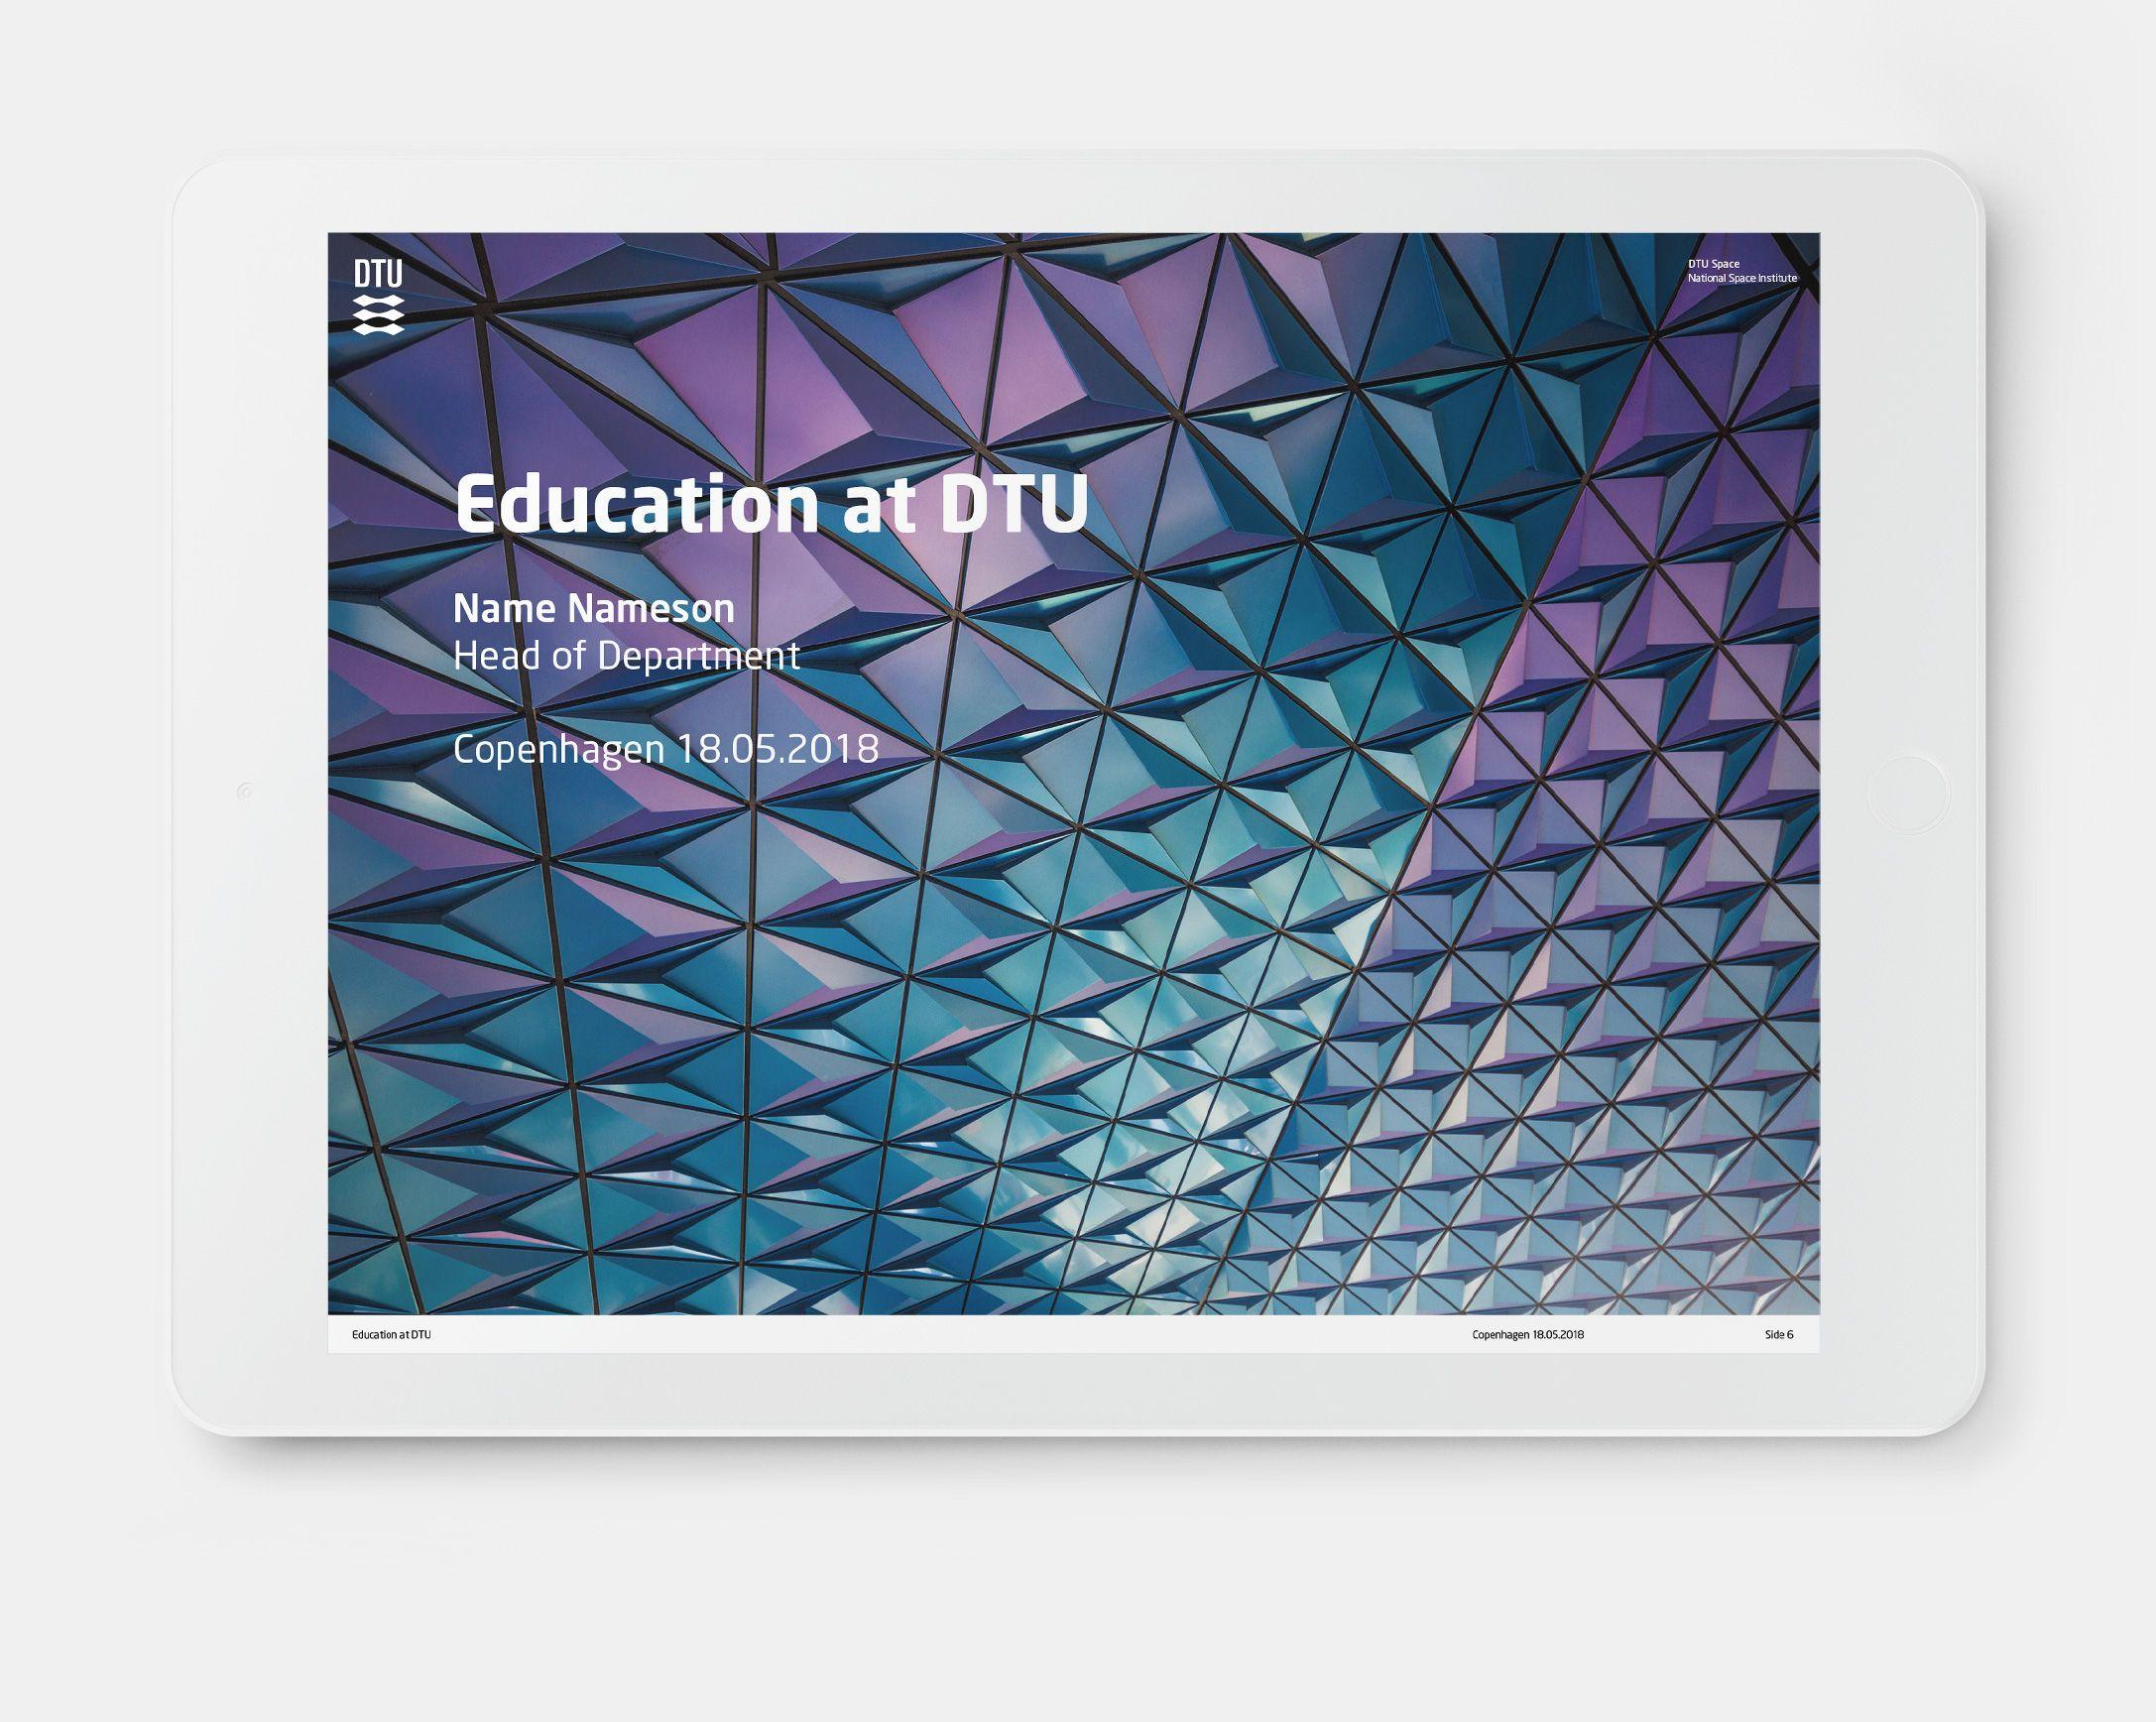 Dtu Design Guide Standard User Brand Assets Dtu Design Guide